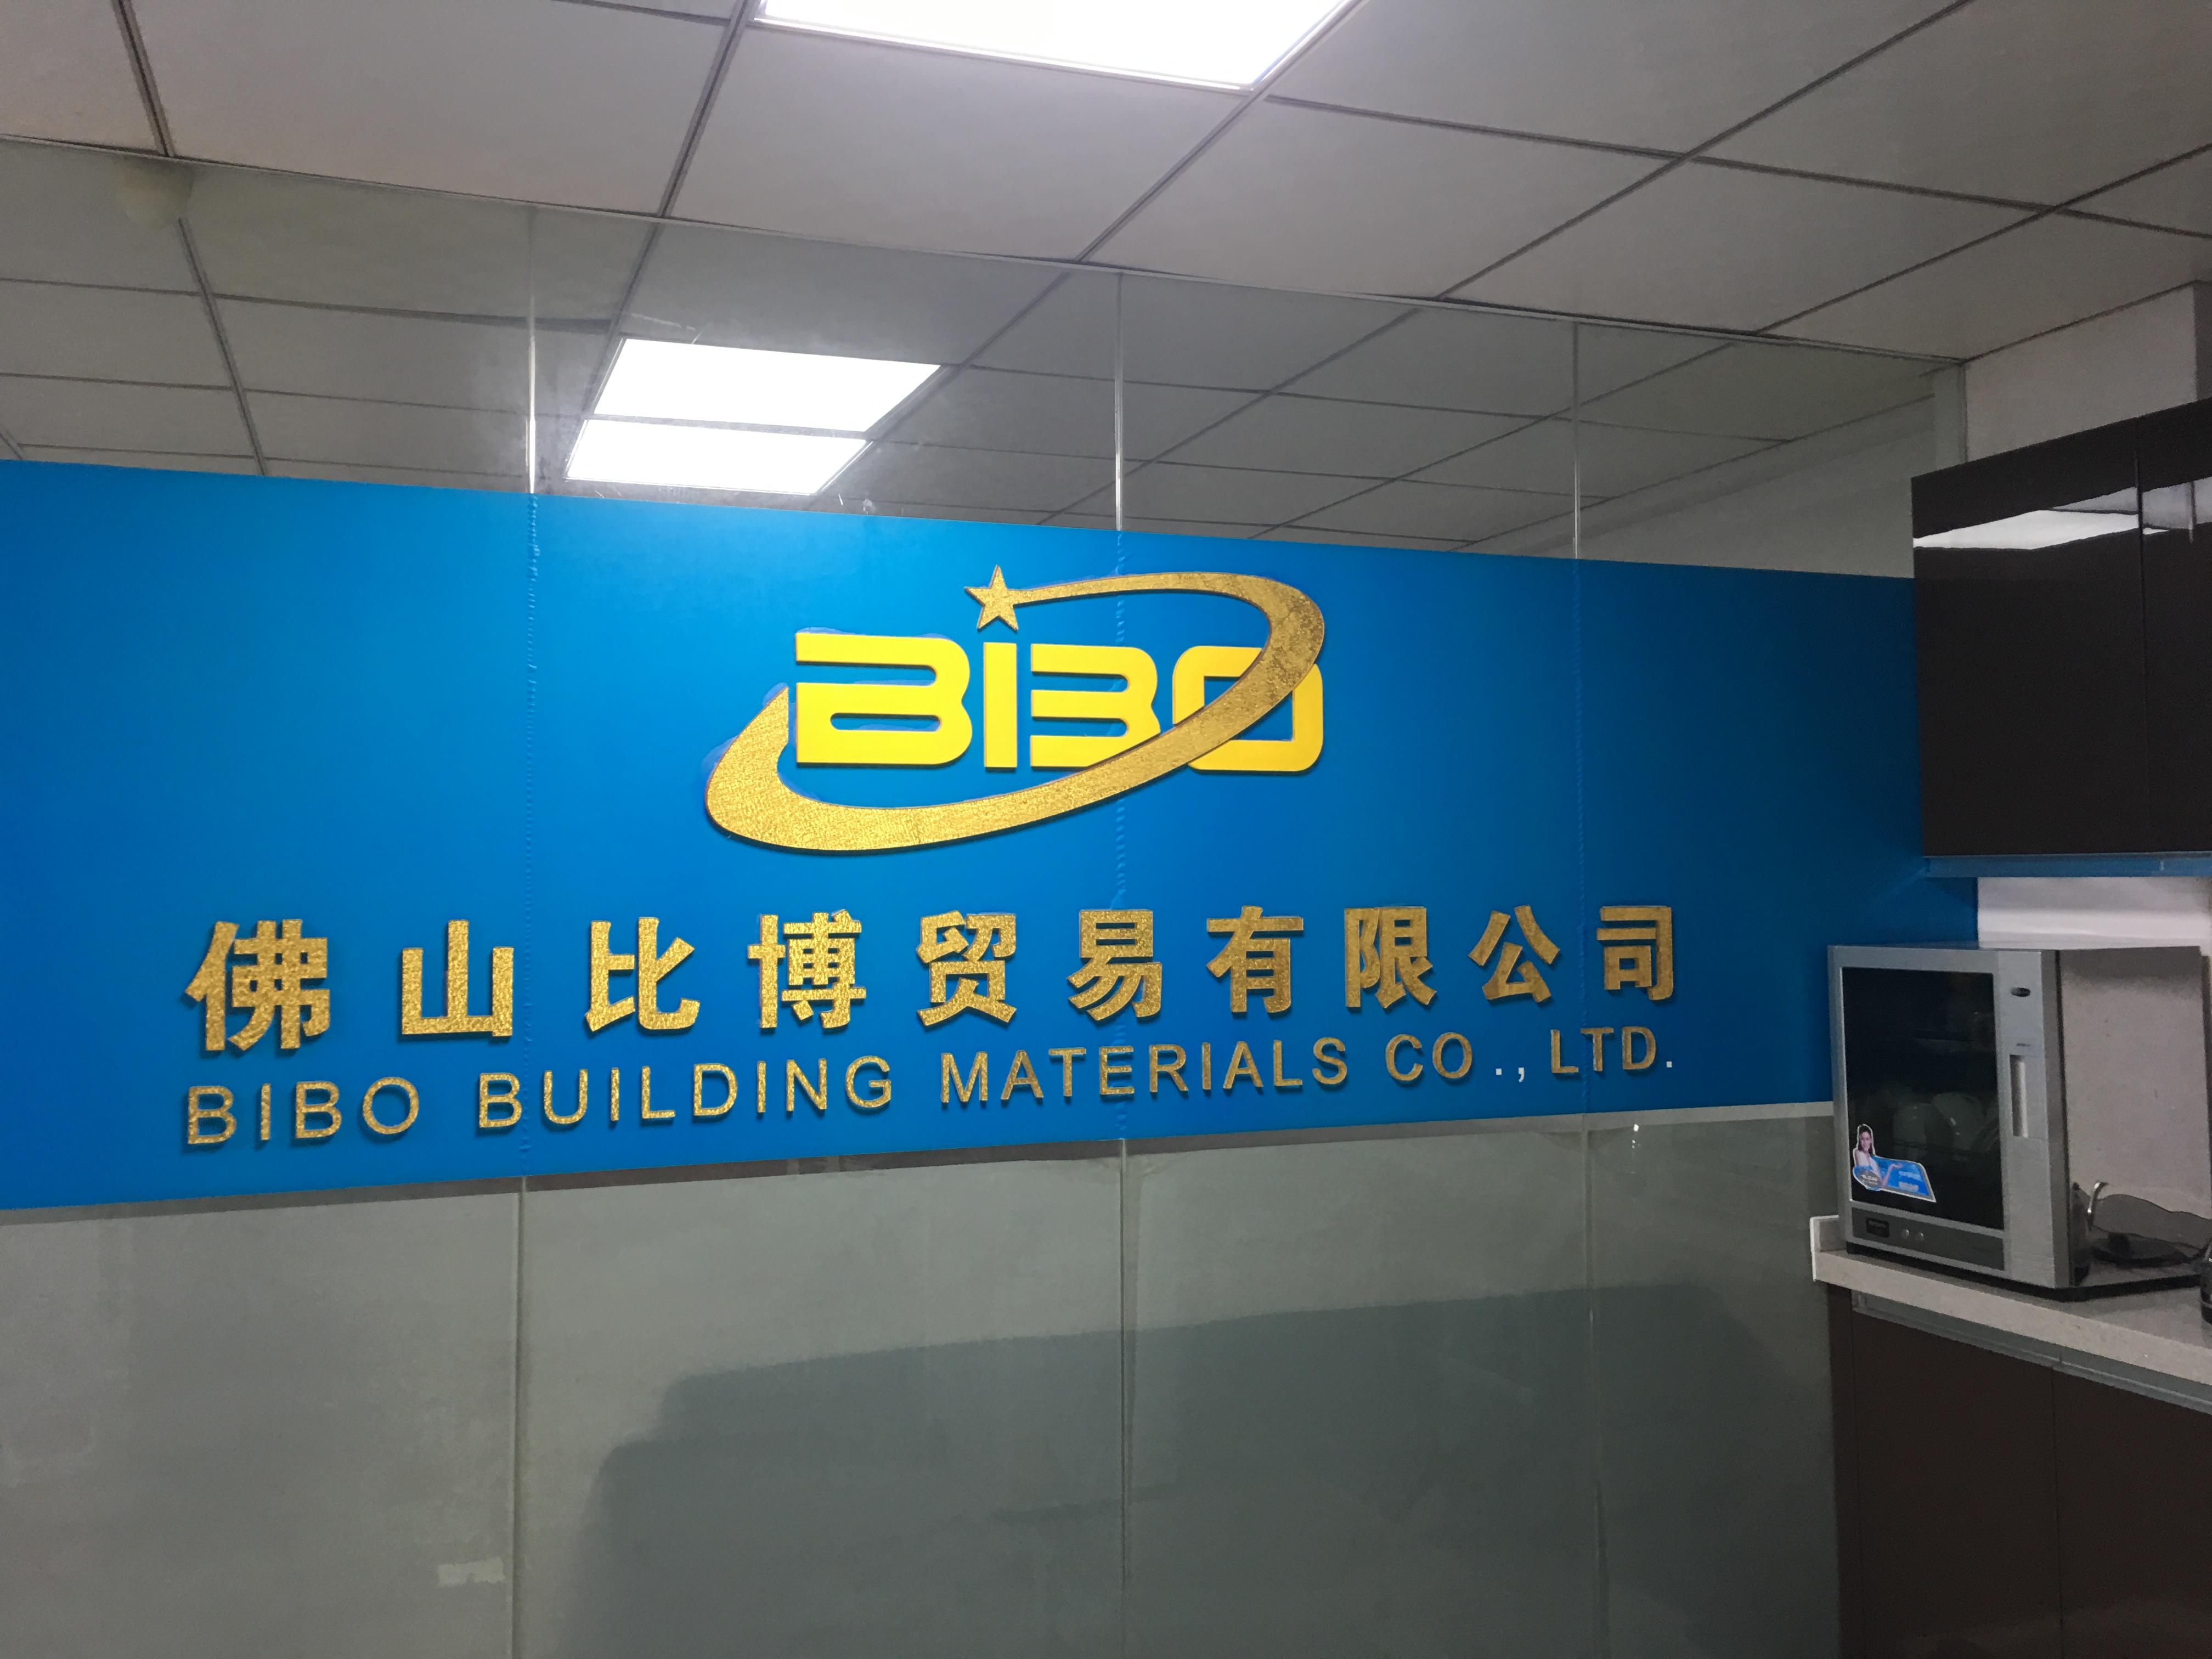 佛山比博贸易有限公司_才通国际人才网_job001.cn